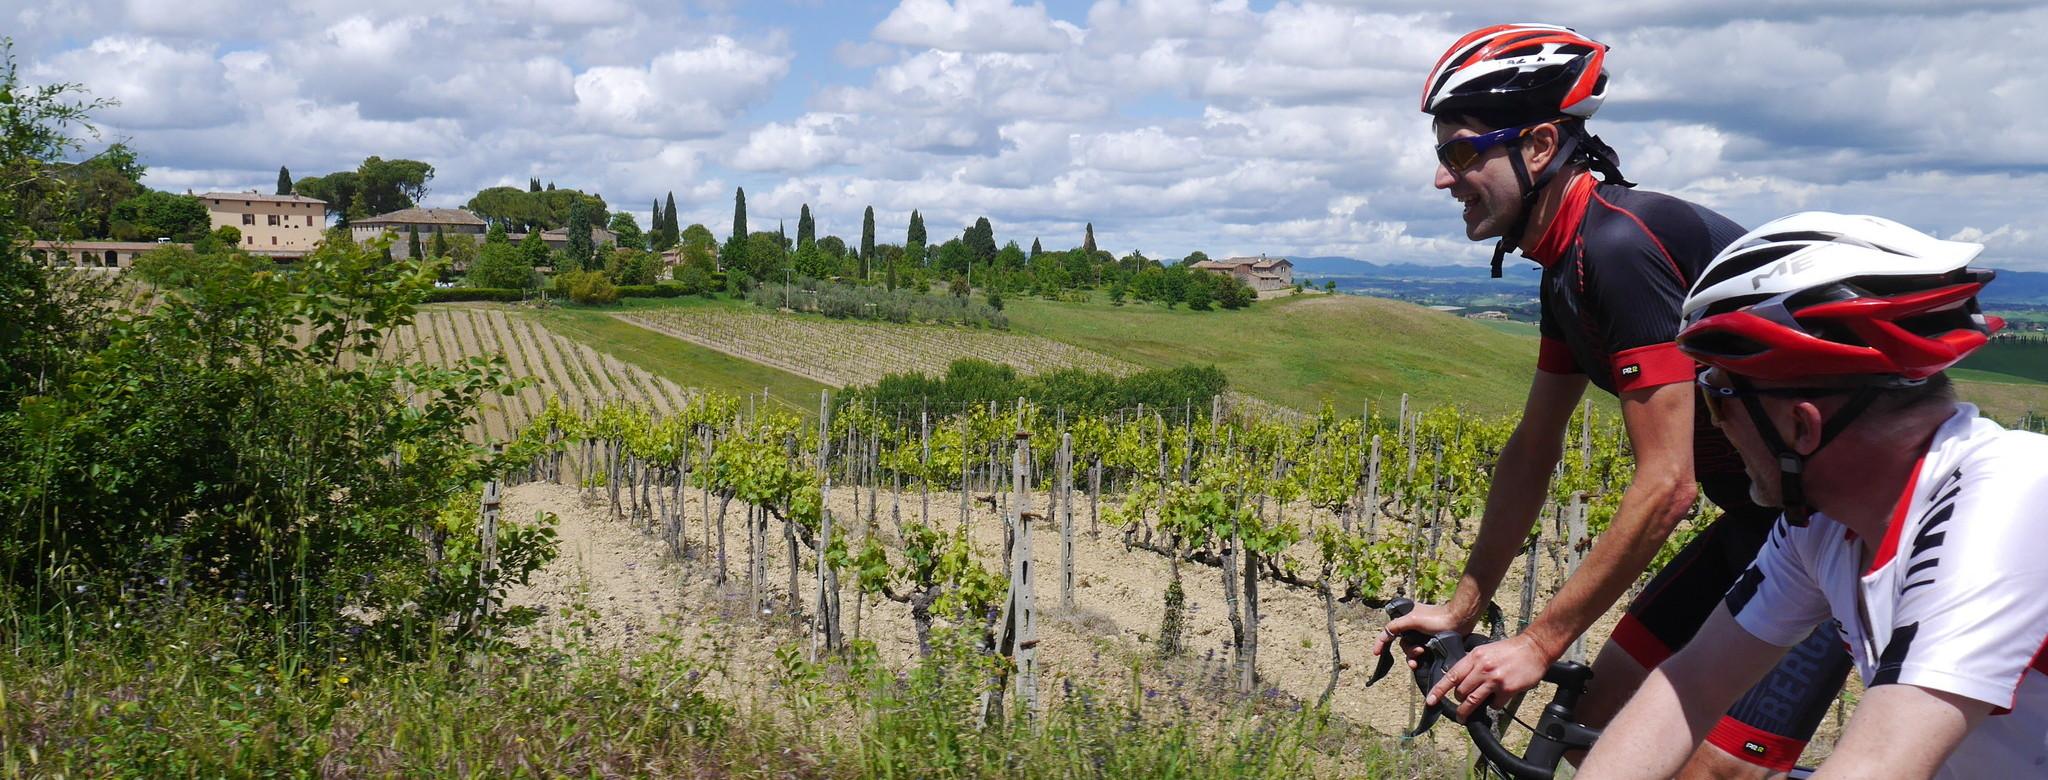 In den Weinbergen des Chianti...